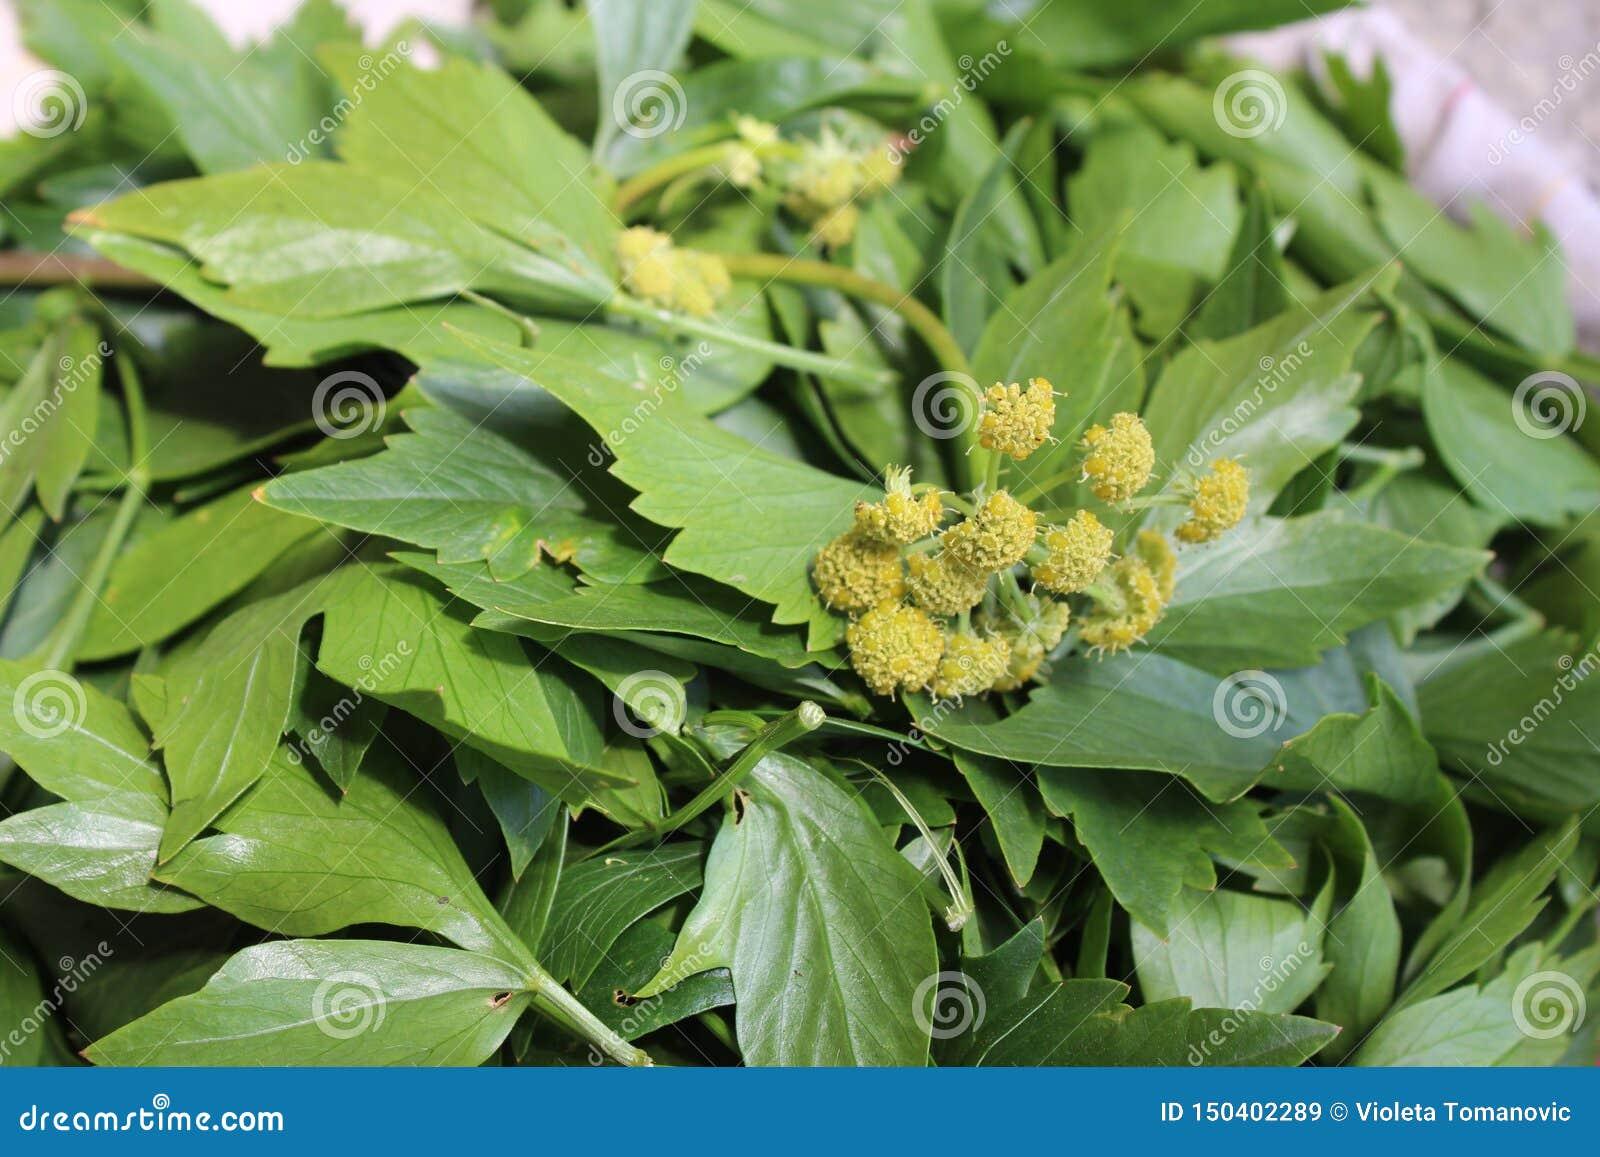 Levisticum officinale, powszechnie nazwana lubczykowa roślina, ziele, pikantność, liście i kolorów żółtych kwiaty, ziarna, przygo